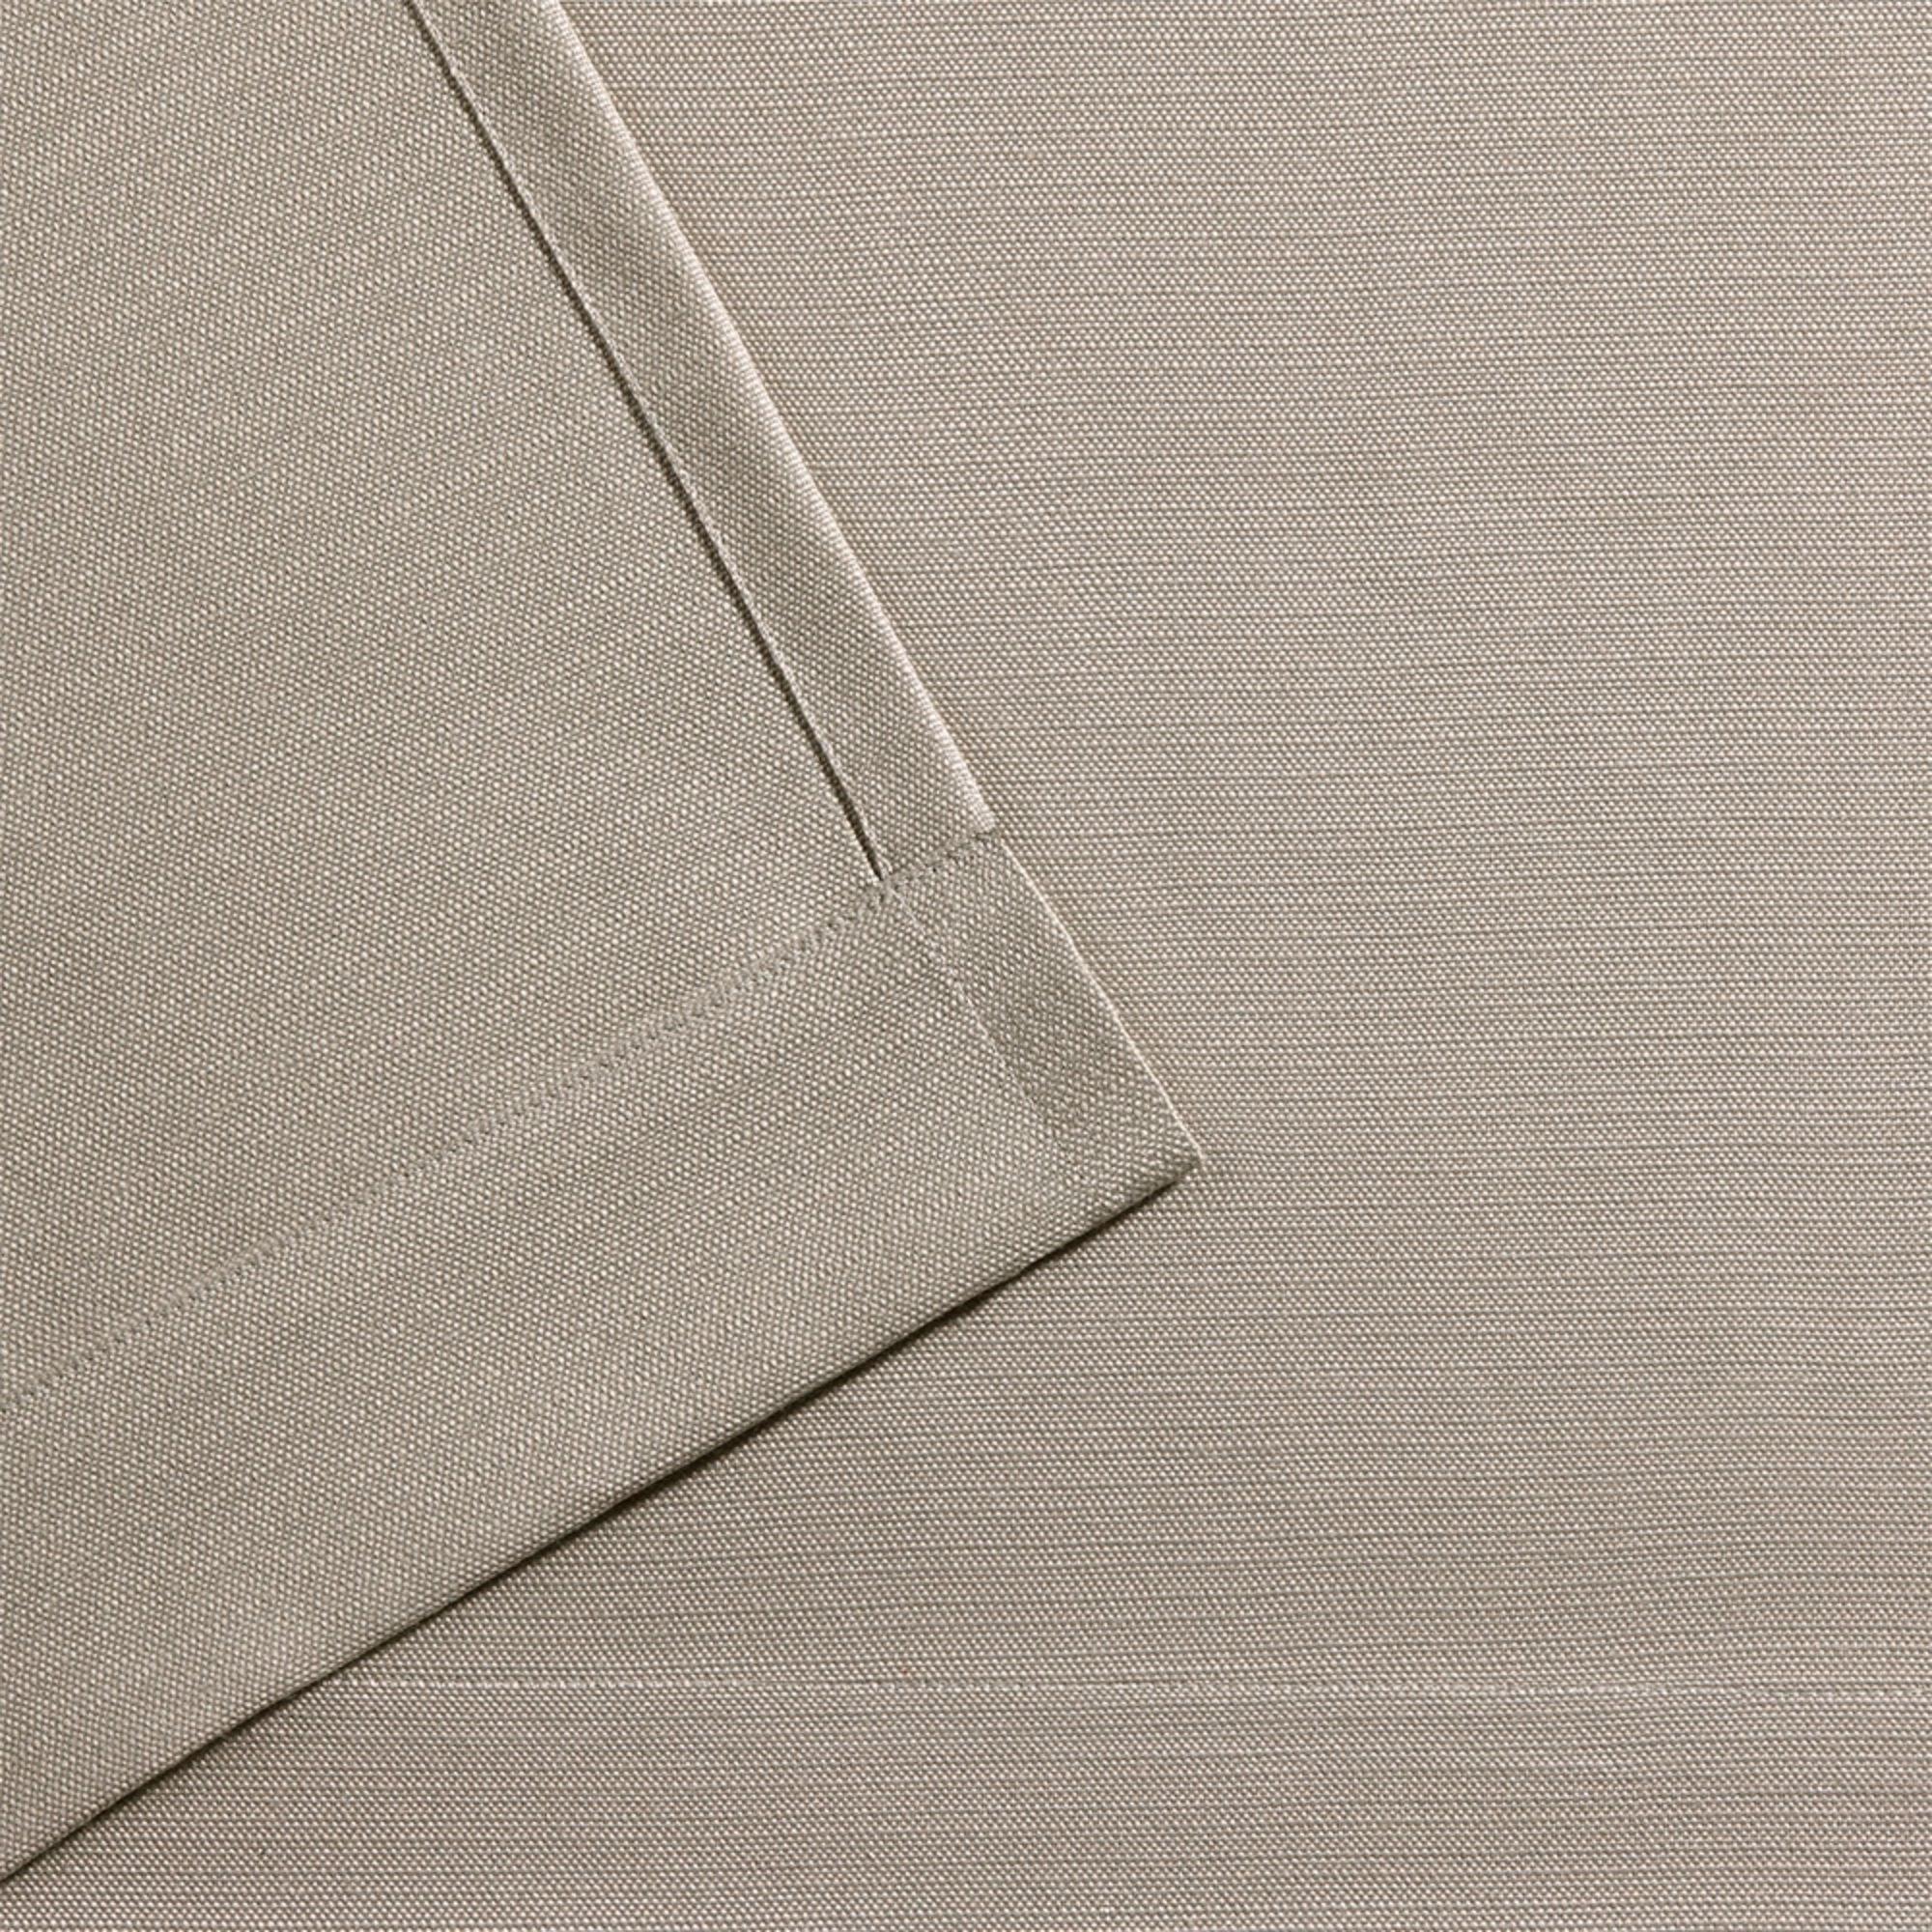 2021 Delano Indoor/outdoor Grommet Top Curtain Panel Pairs Regarding Shop Ati Home Delano Indoor/outdoor Grommet Top Curtain (View 9 of 20)